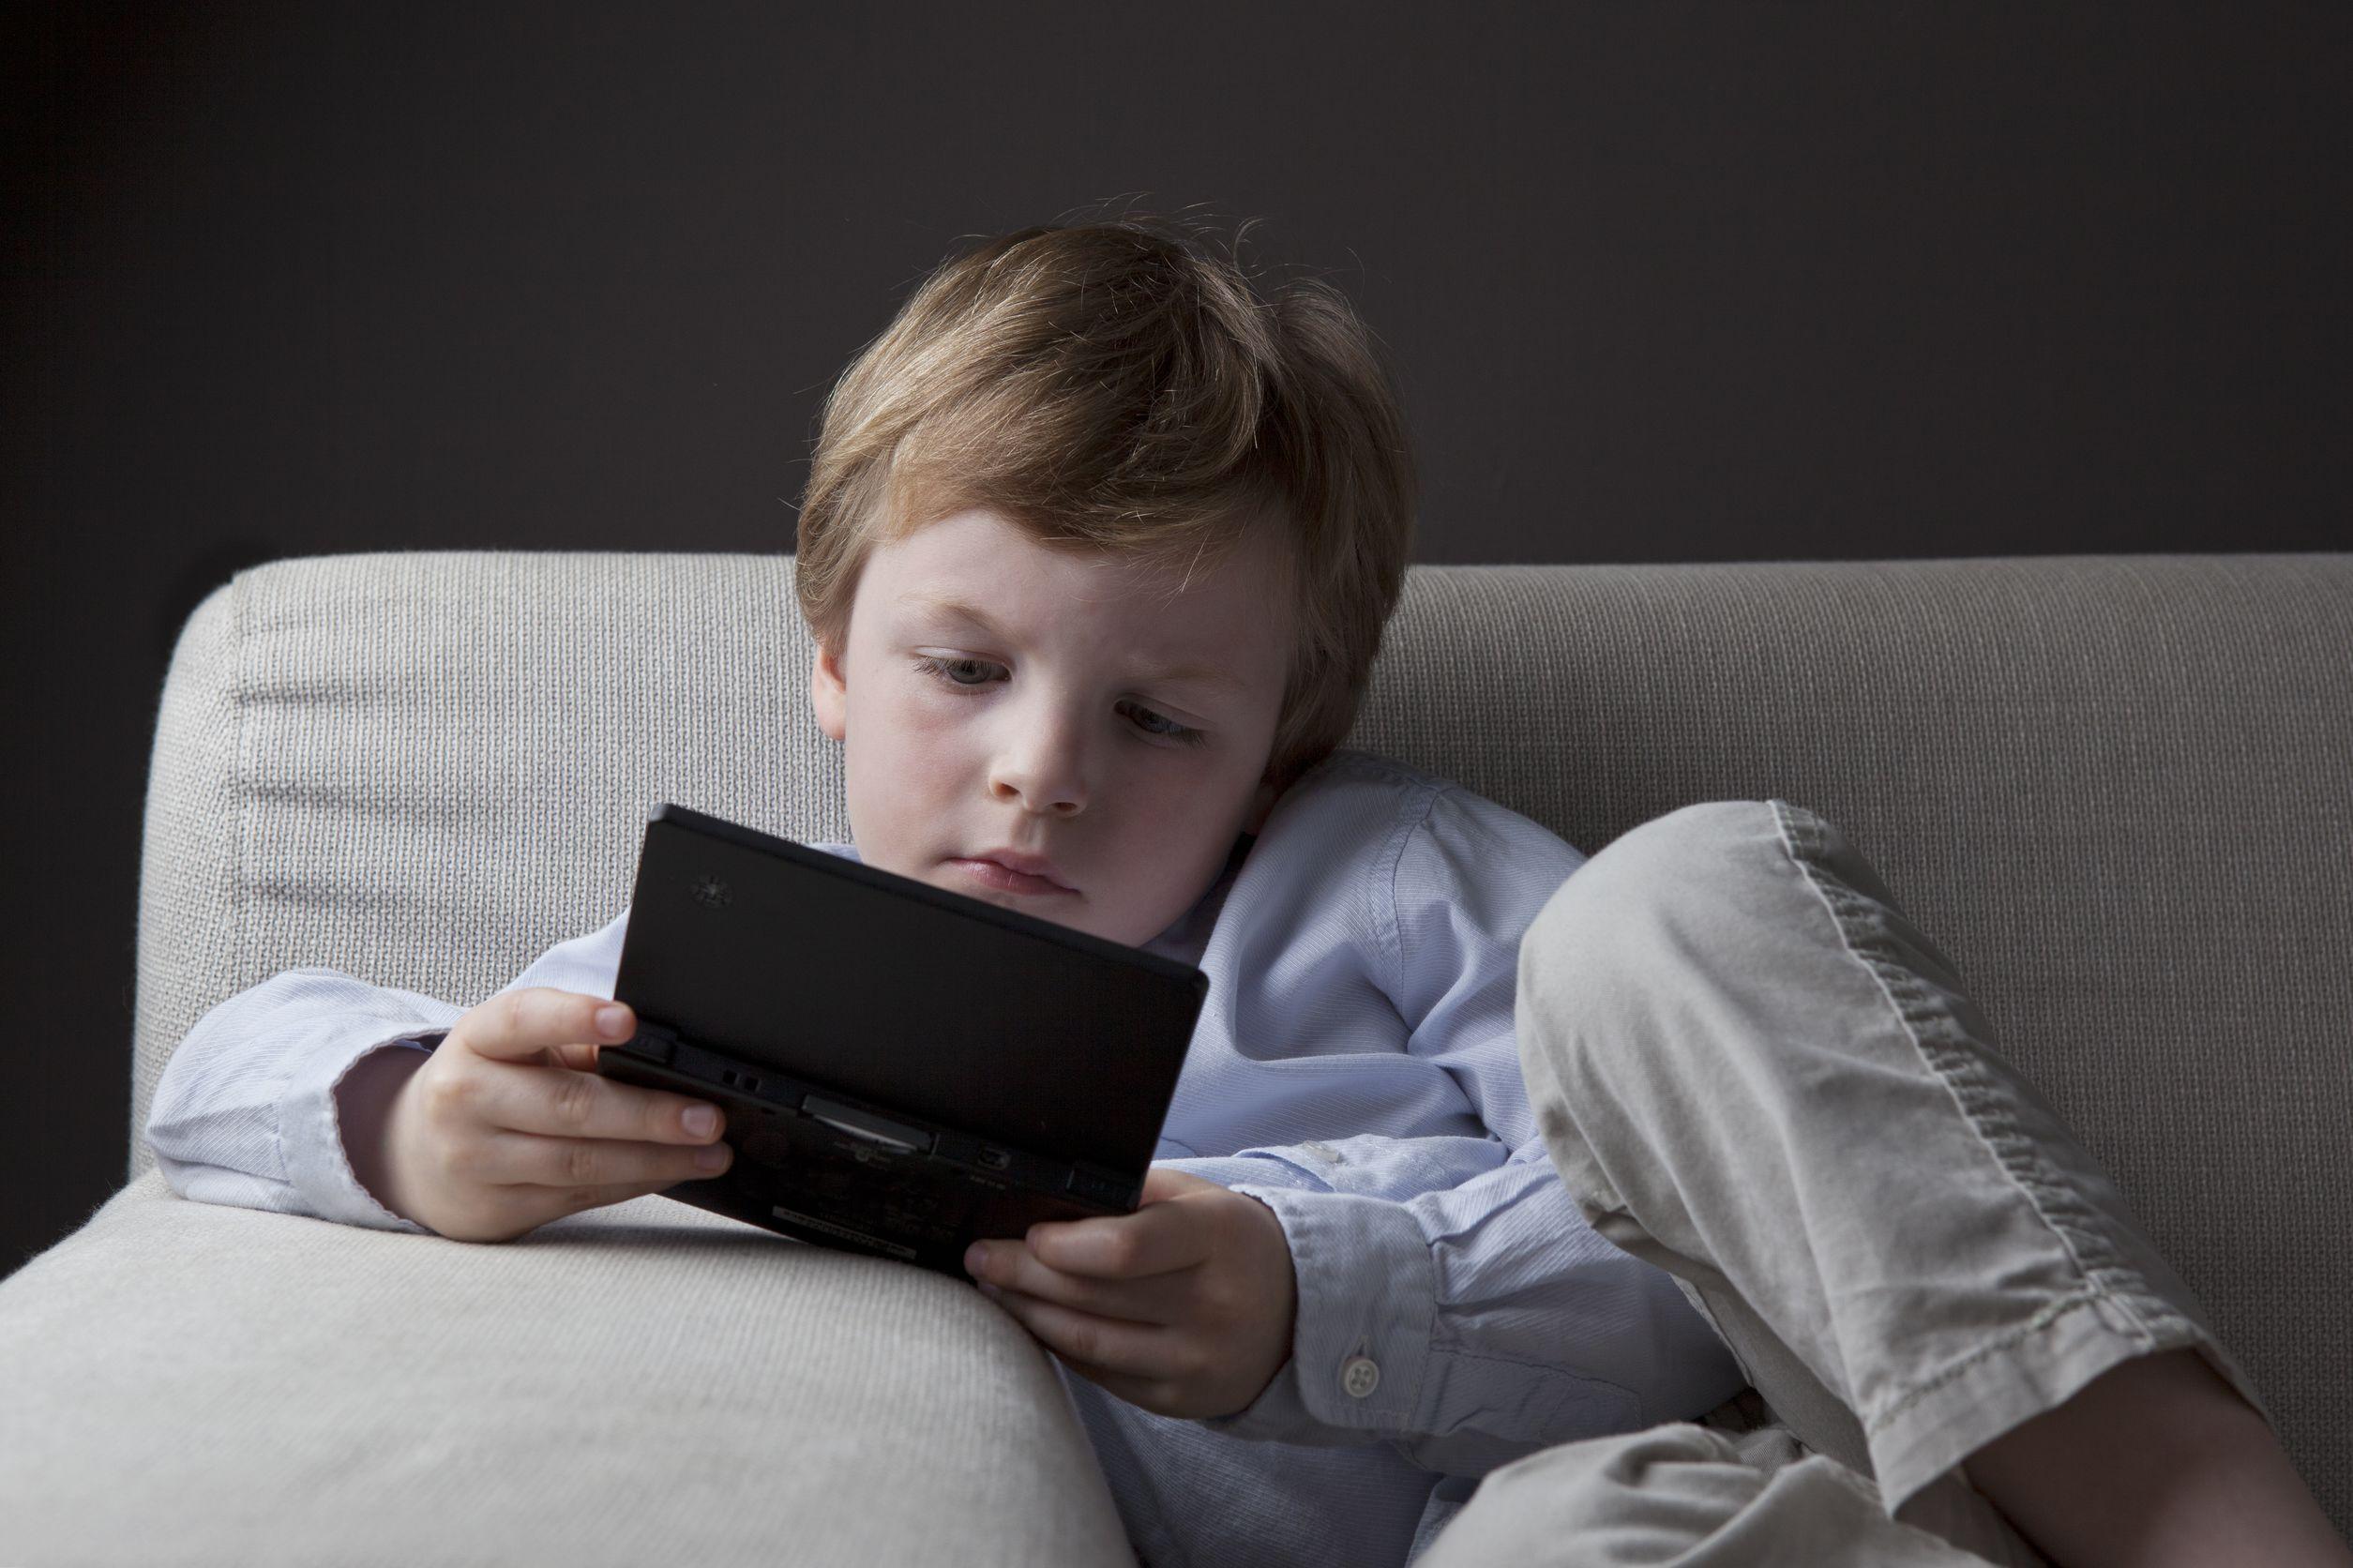 Niño sentado jugando videojuegos